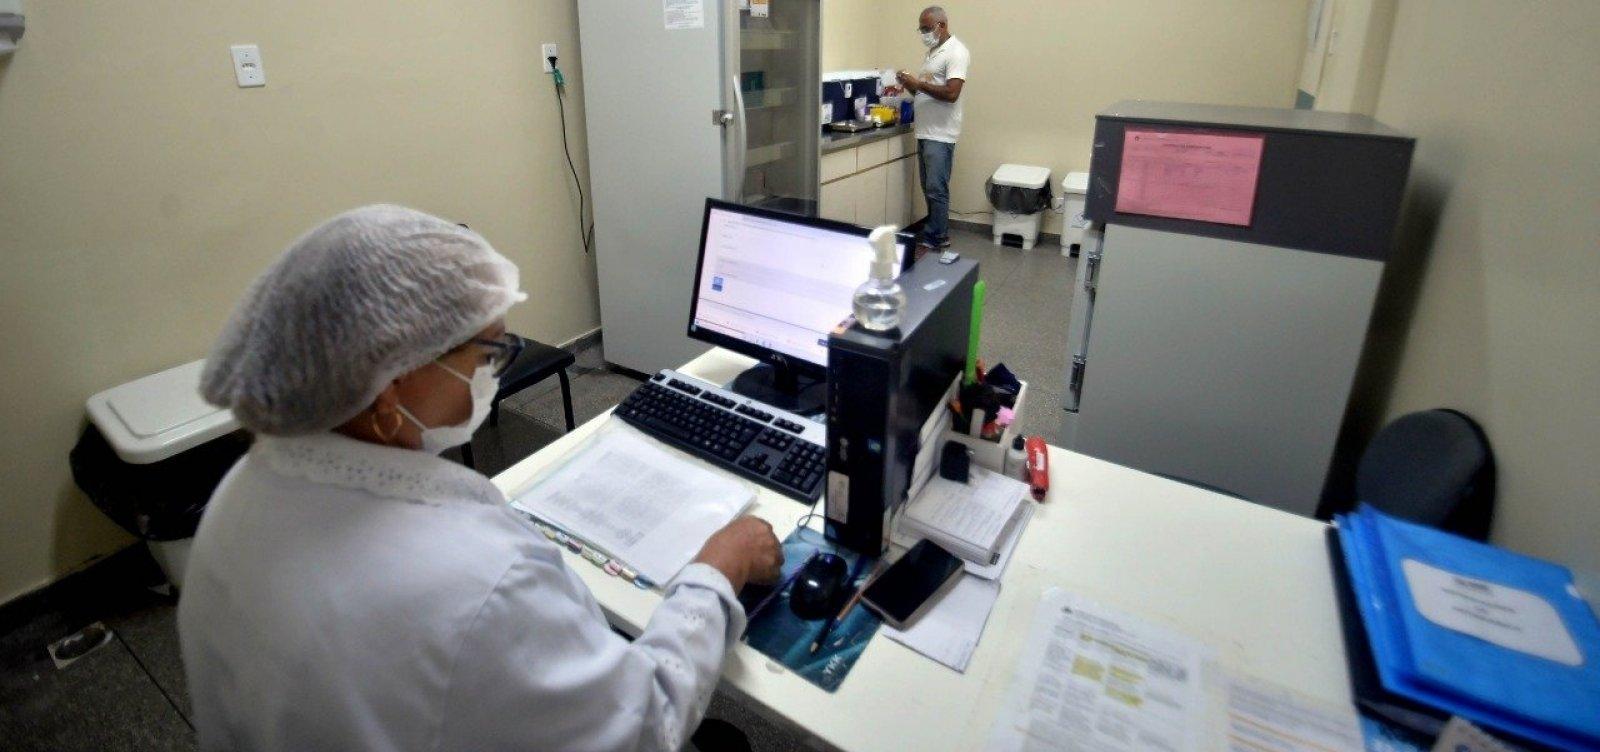 [Prefeitura prepara 32 postos de vacinação em Salvador]